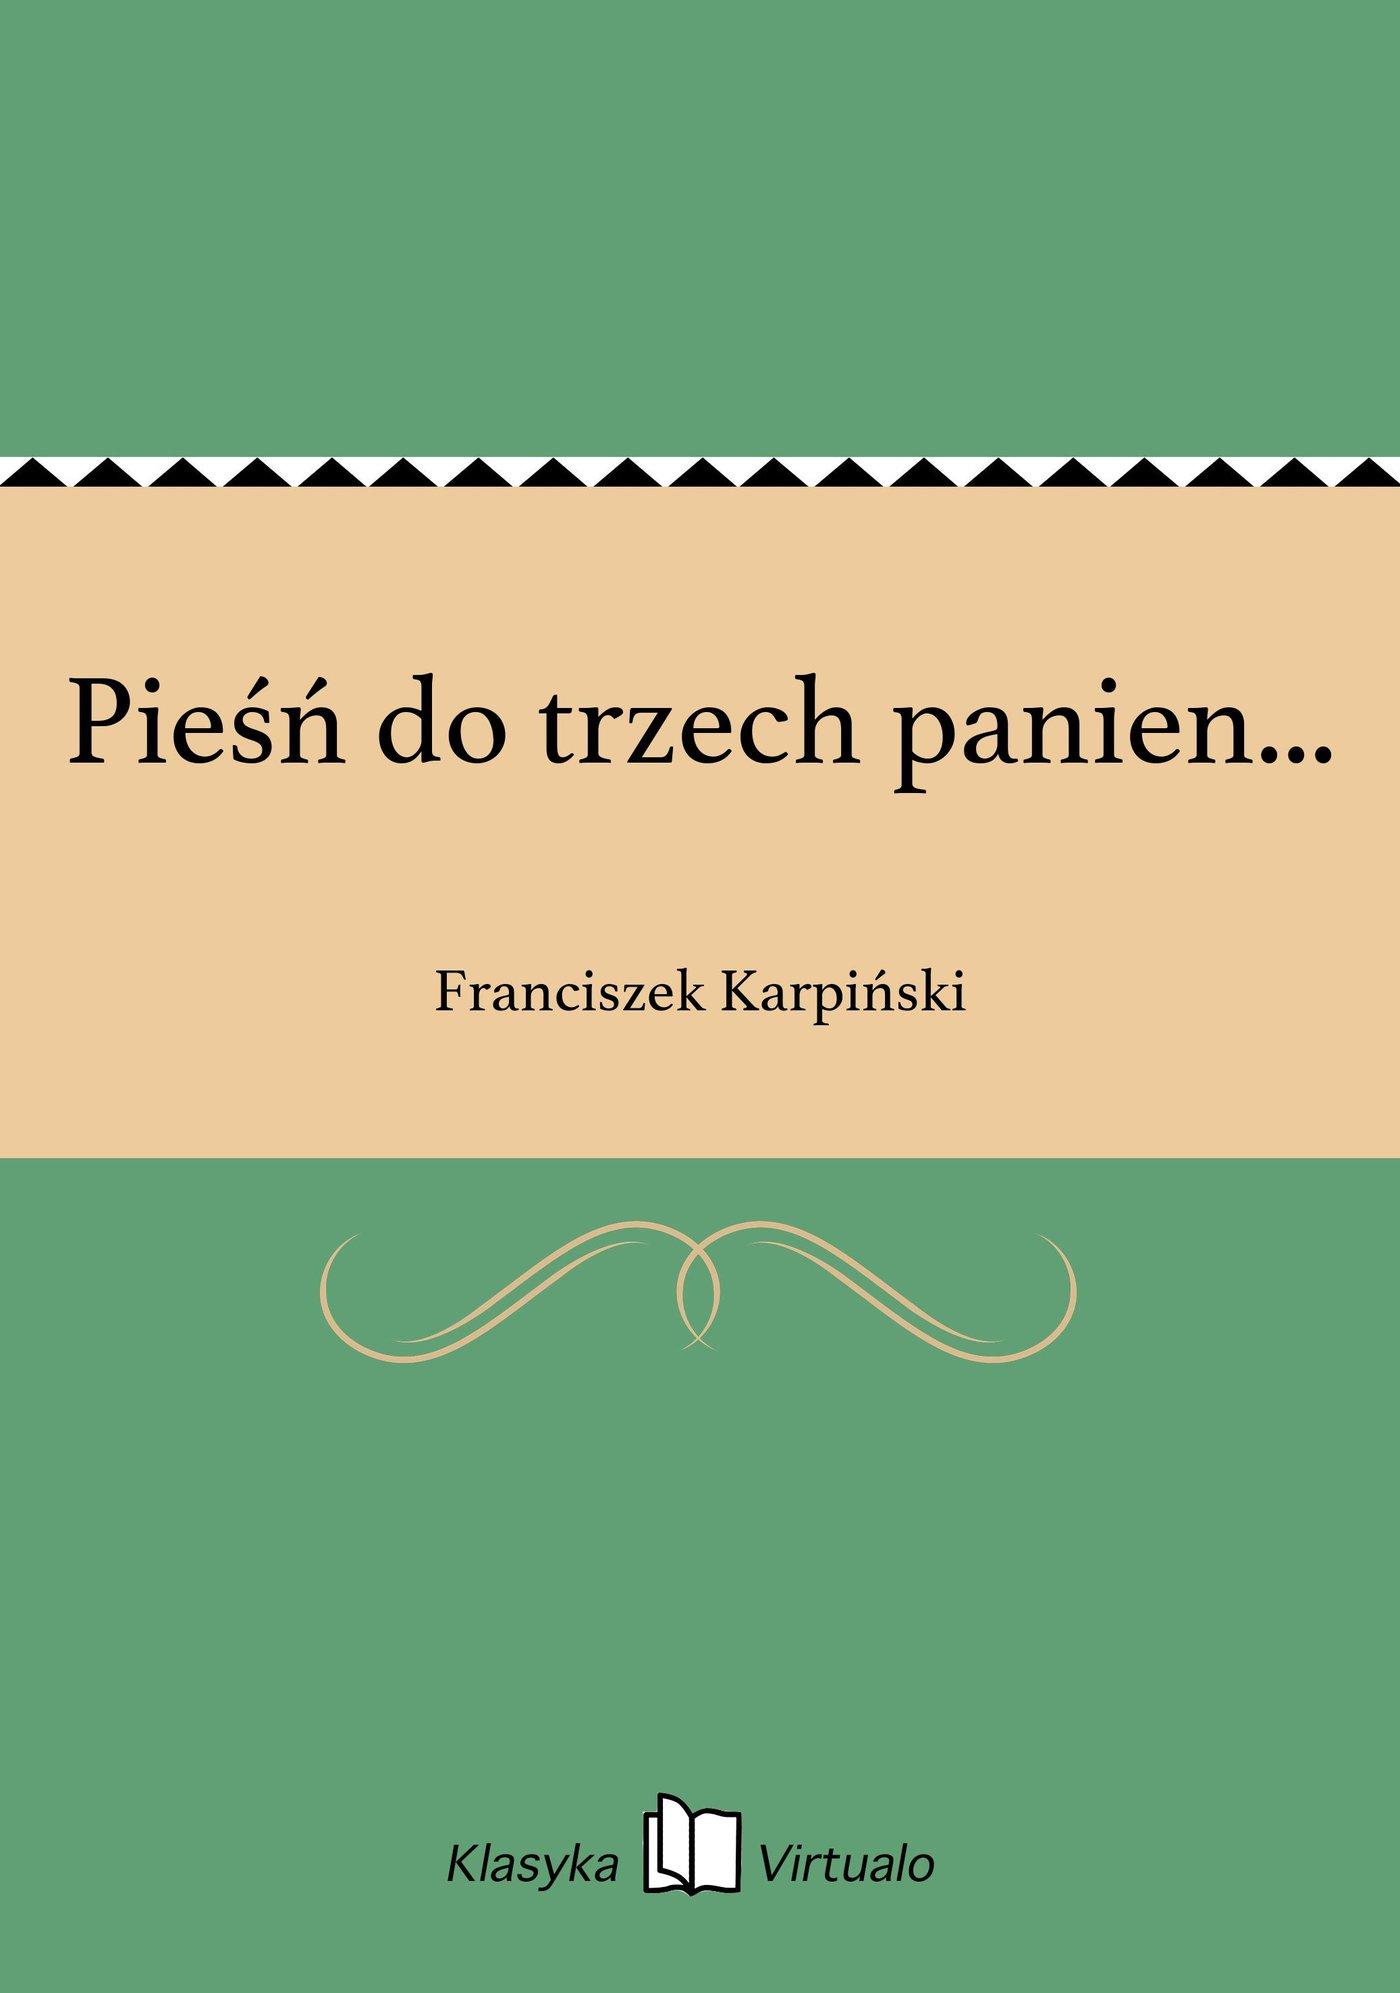 Pieśń do trzech panien... - Ebook (Książka EPUB) do pobrania w formacie EPUB